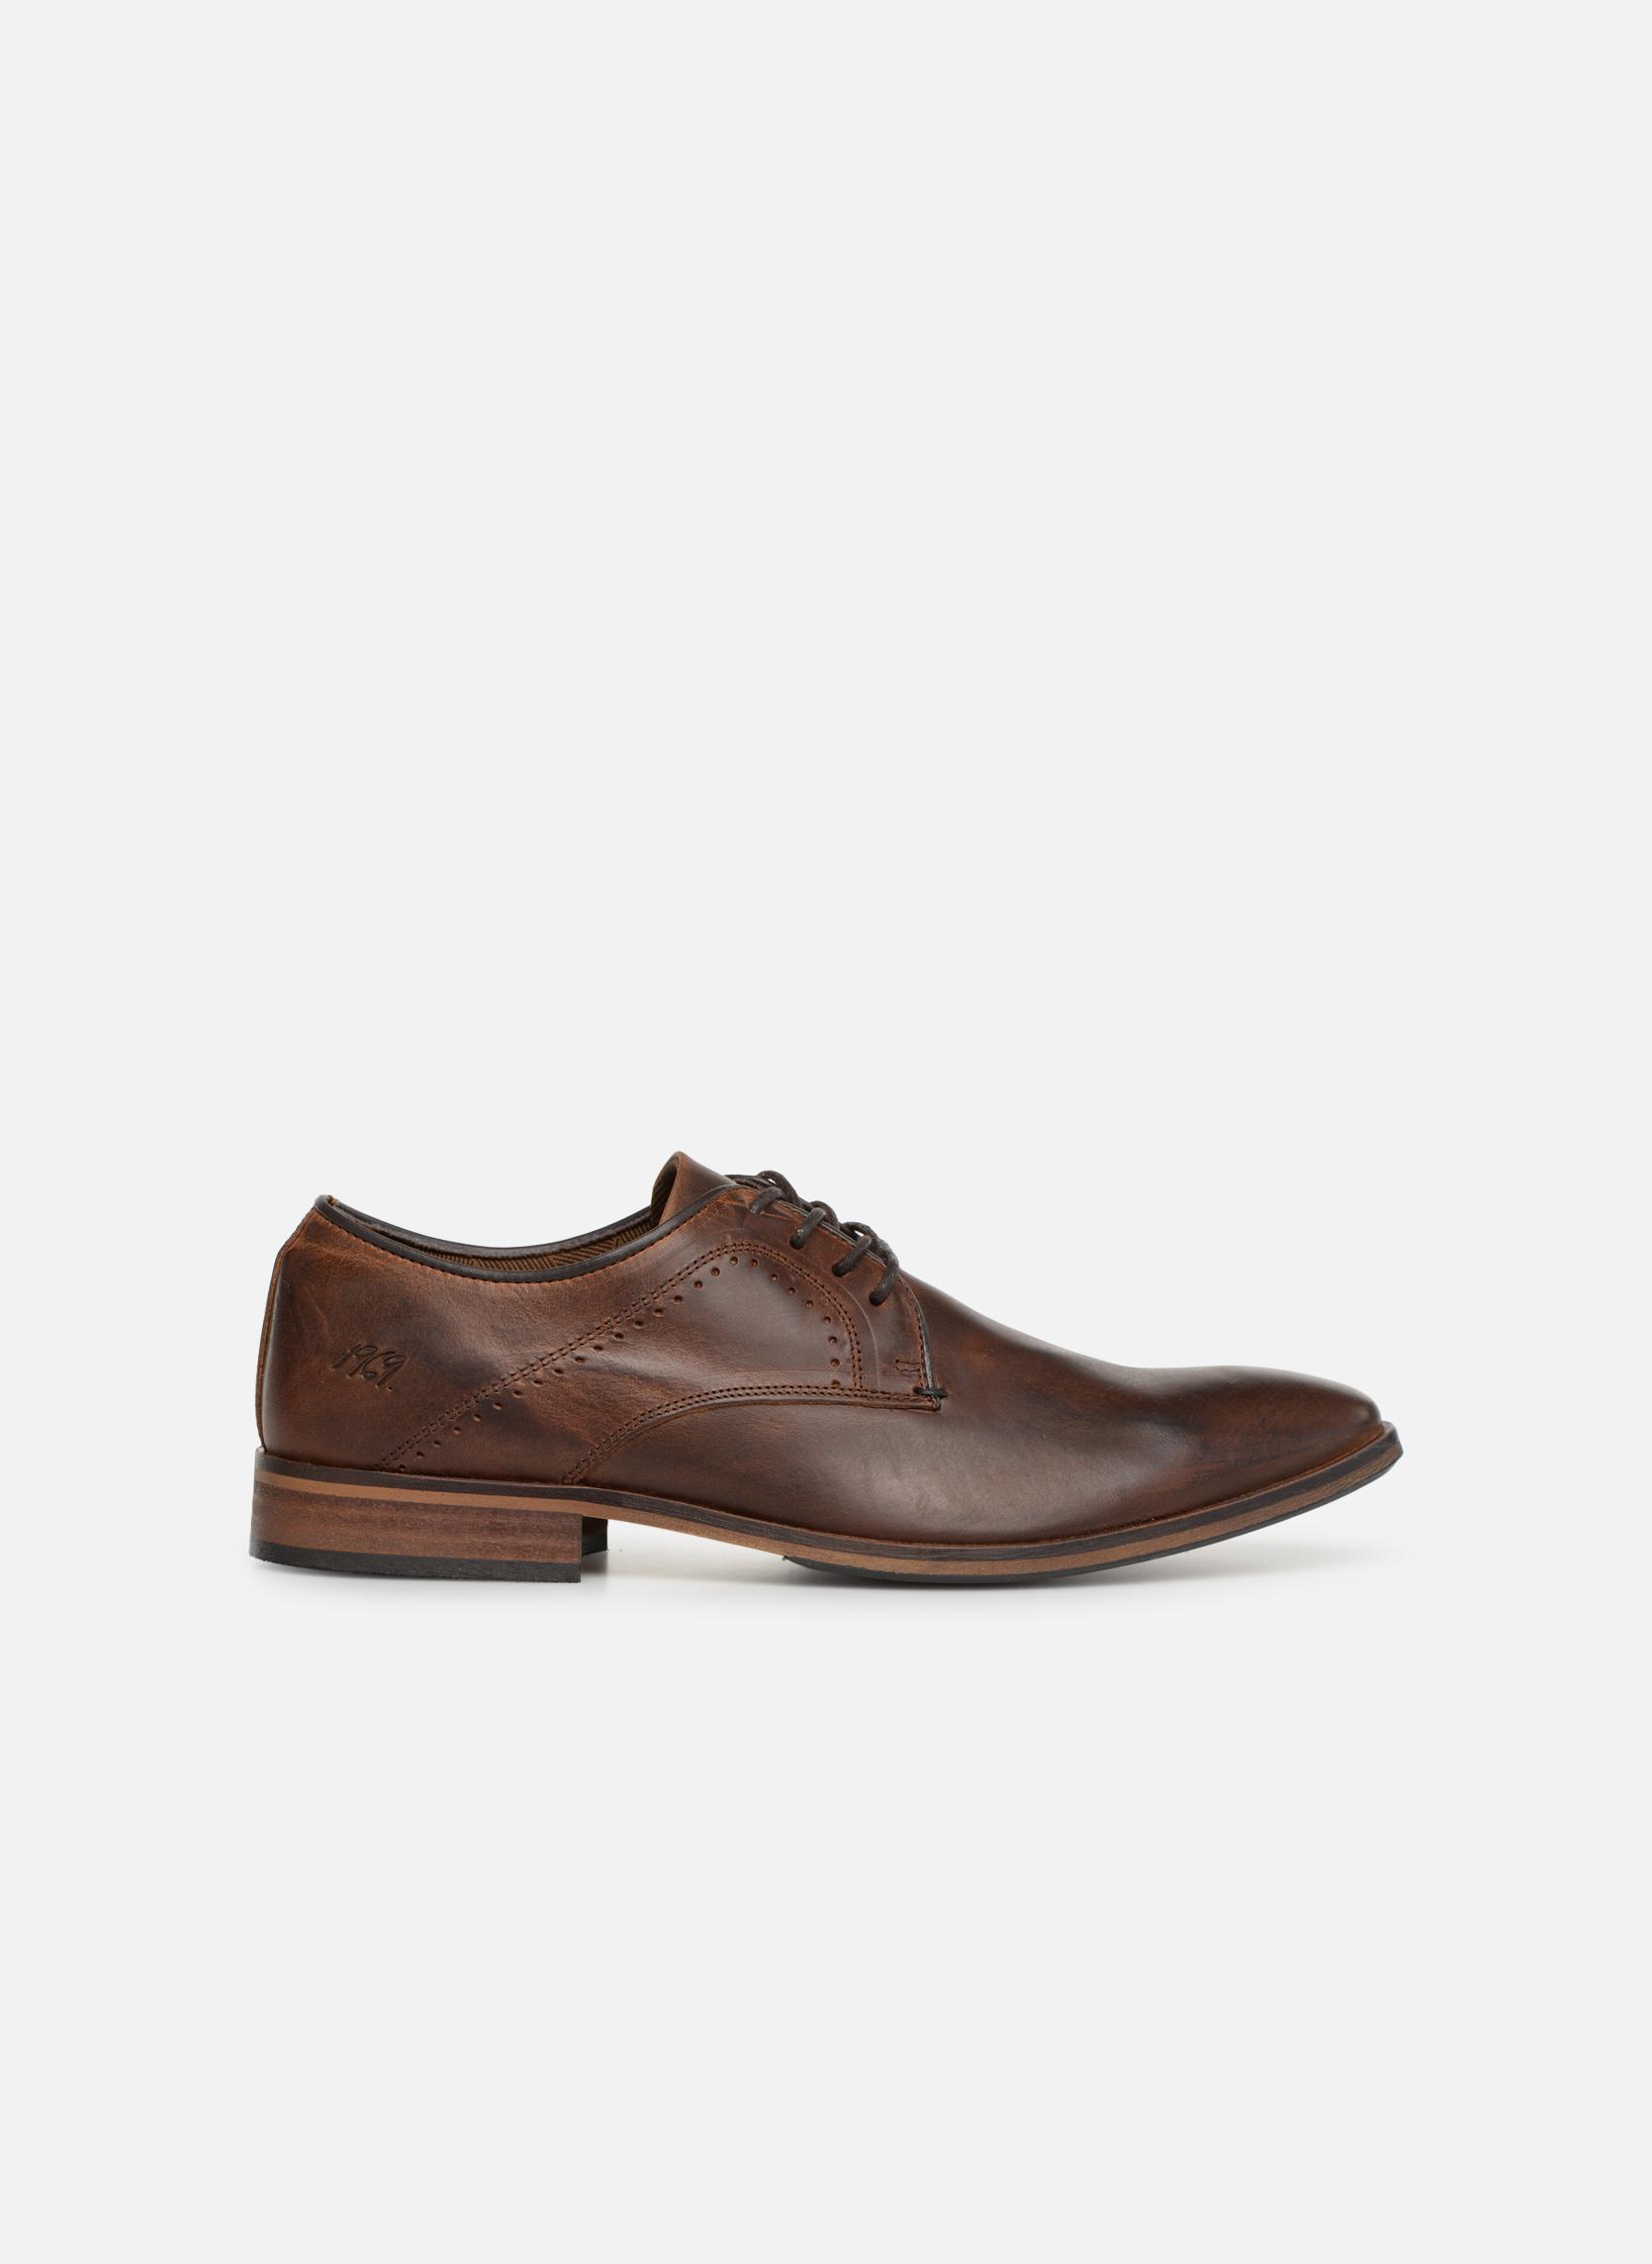 00844768aa4 Zapatos hombre online  calzado hombre